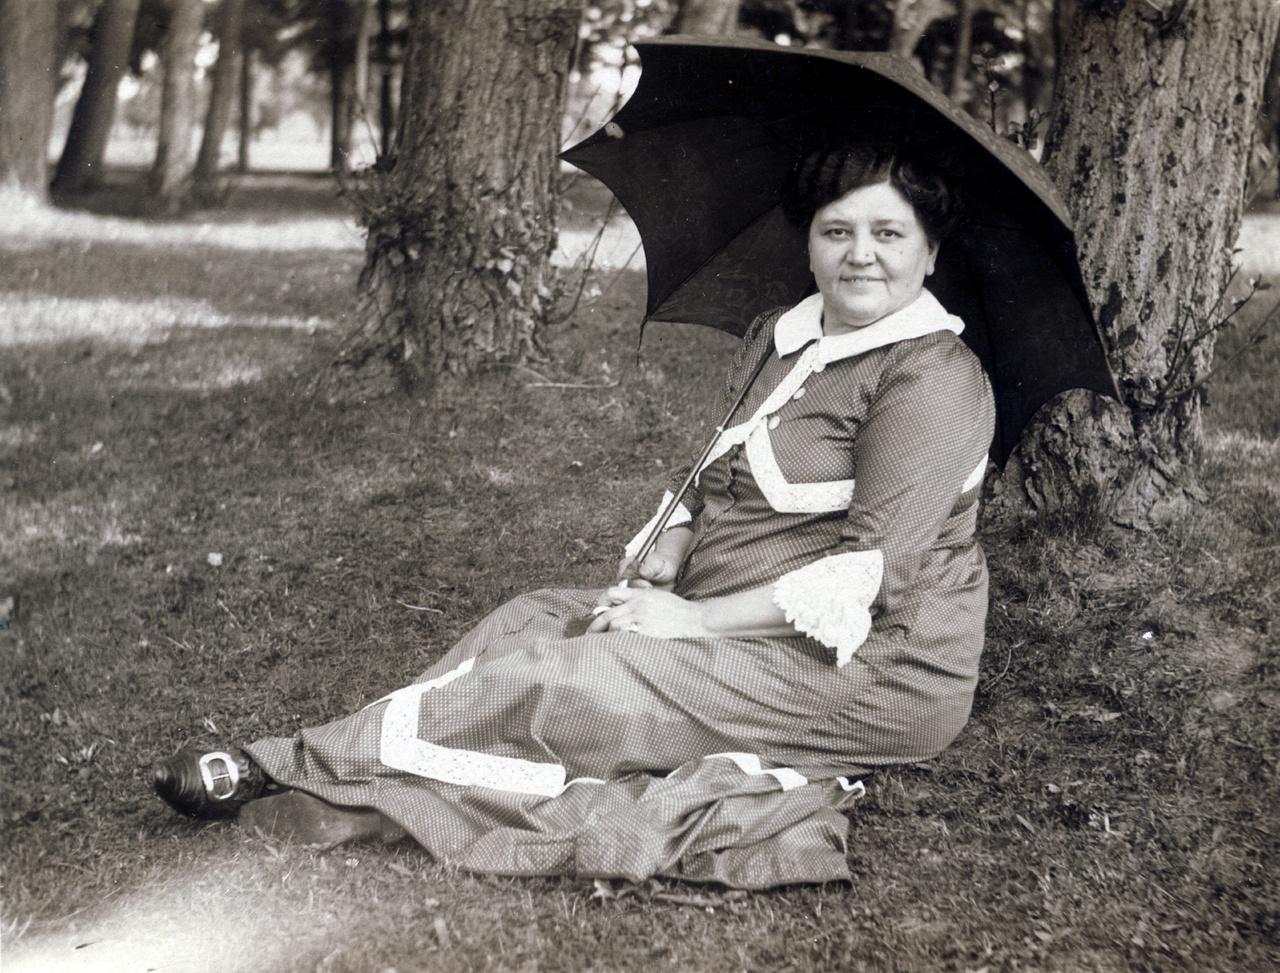 """Erdőssyné újabb napernyője a kollekcióból a Budapesten, 1913-ban feladott levelezőlapon. A csipkebetétekkel bolondított egyszerű szabású ruha láttatni engedi, hogy a József körúti úriasszony falusi tartózkodása alatt mellőzte a fűzőhasználatot. A falusi nyaralás idill és biztonság, szemben például a nagy a nagy fürdőhelyek váratlan veszélyeivel, melyek """"a hozományvadászok, rosszhírű kalandorok, s hírhedt korhelyek találkozó helyei voltak."""""""